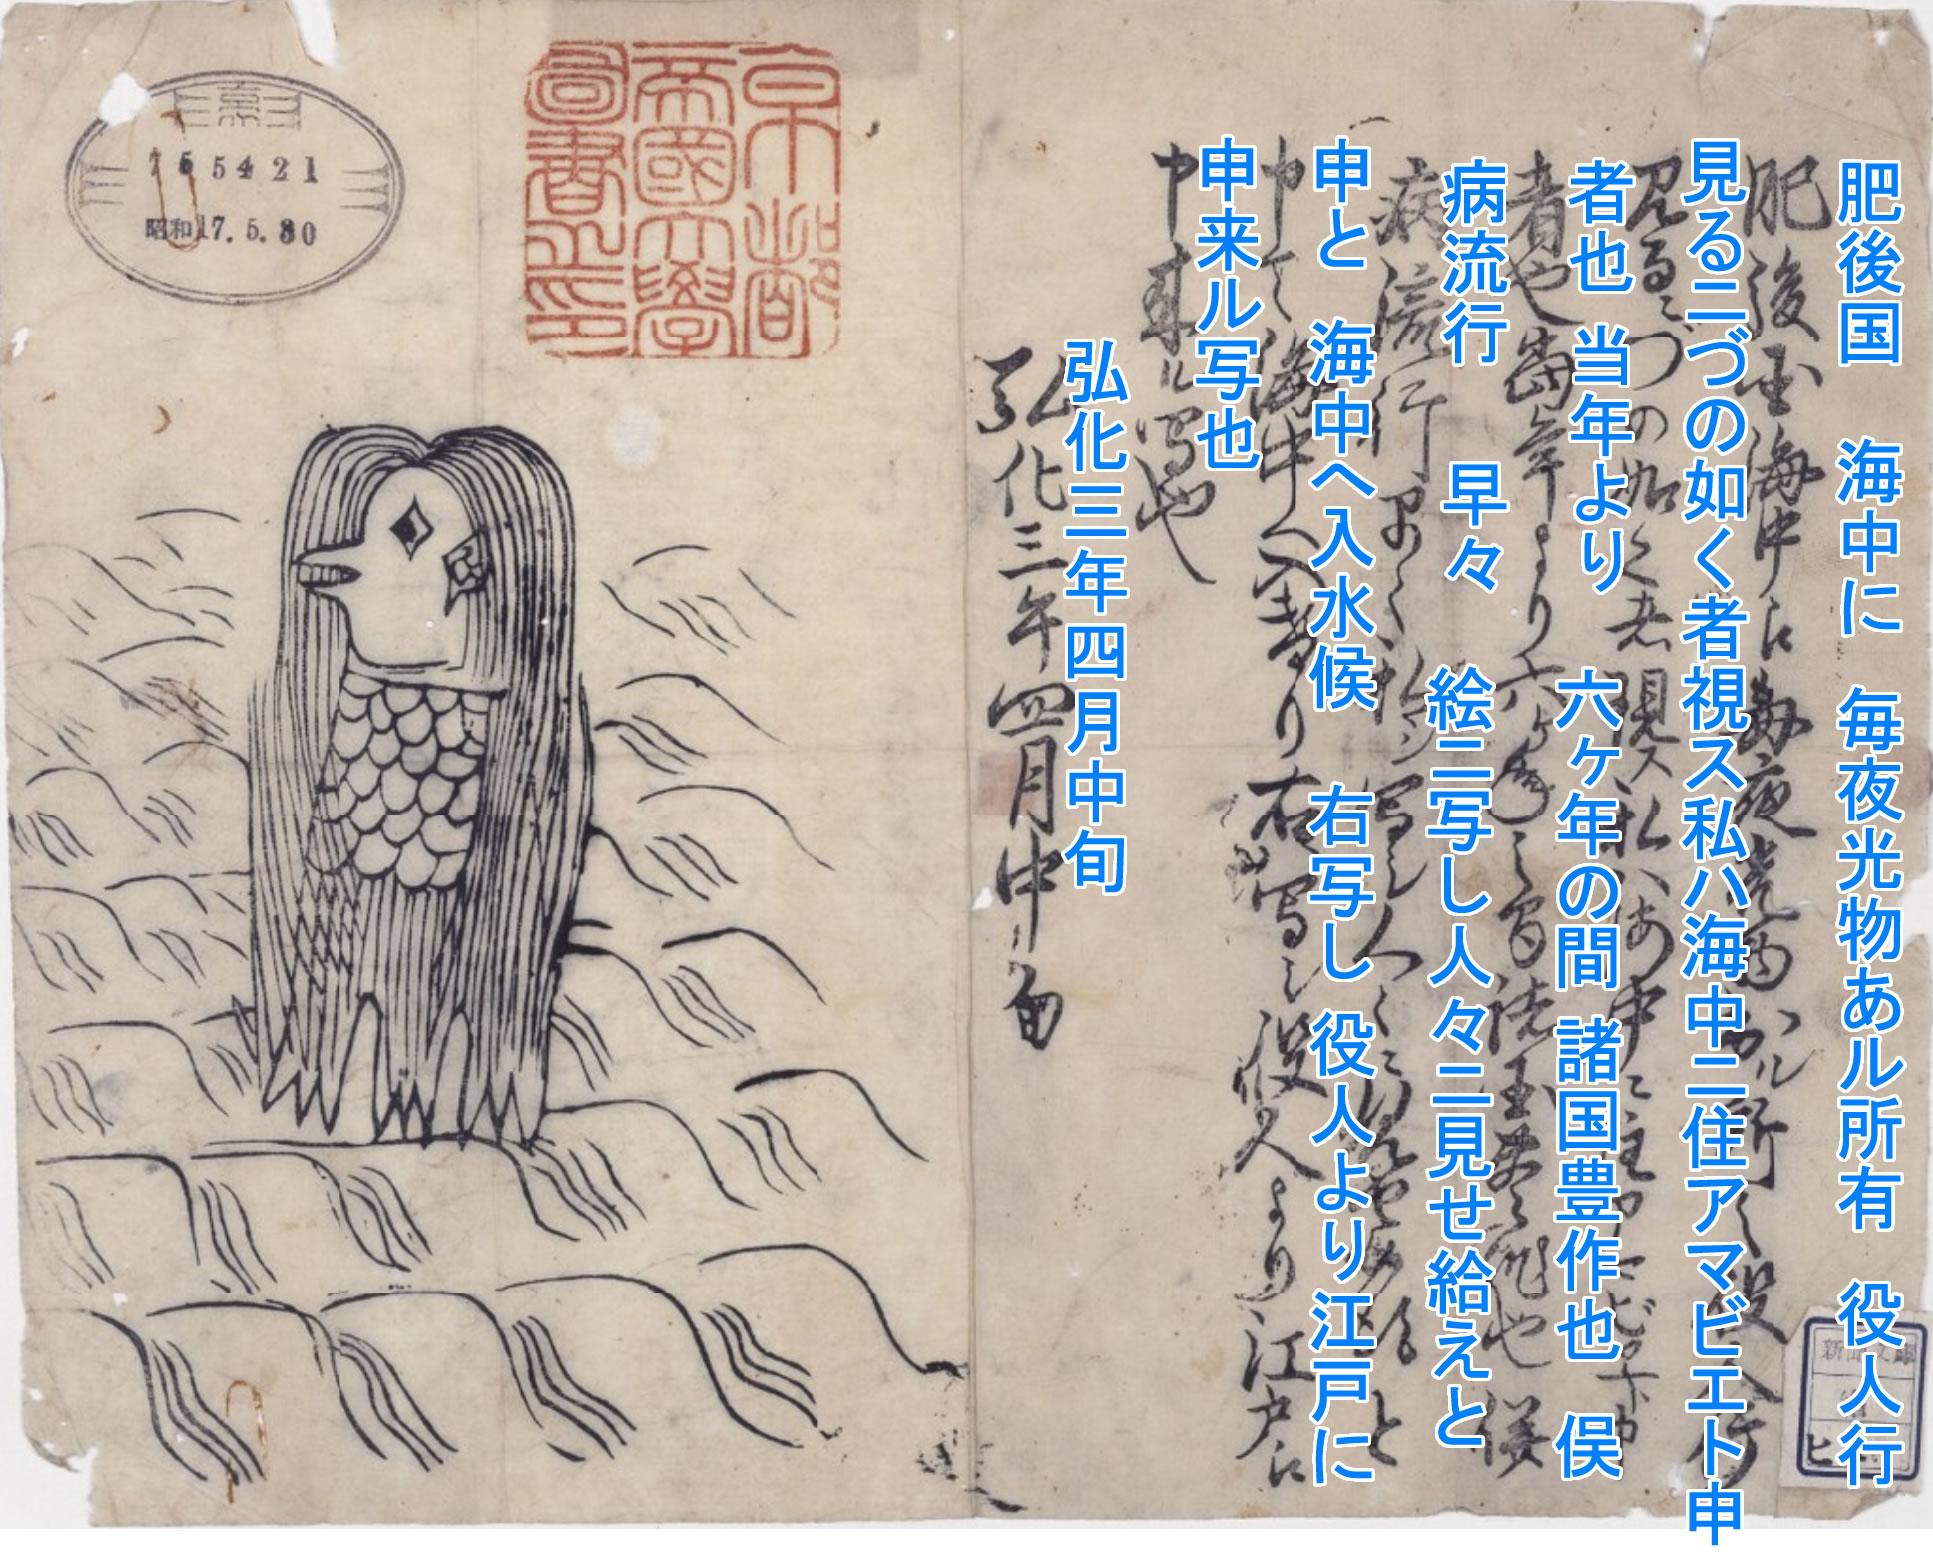 瓦版のアマビエ(アマビヱ)訳文